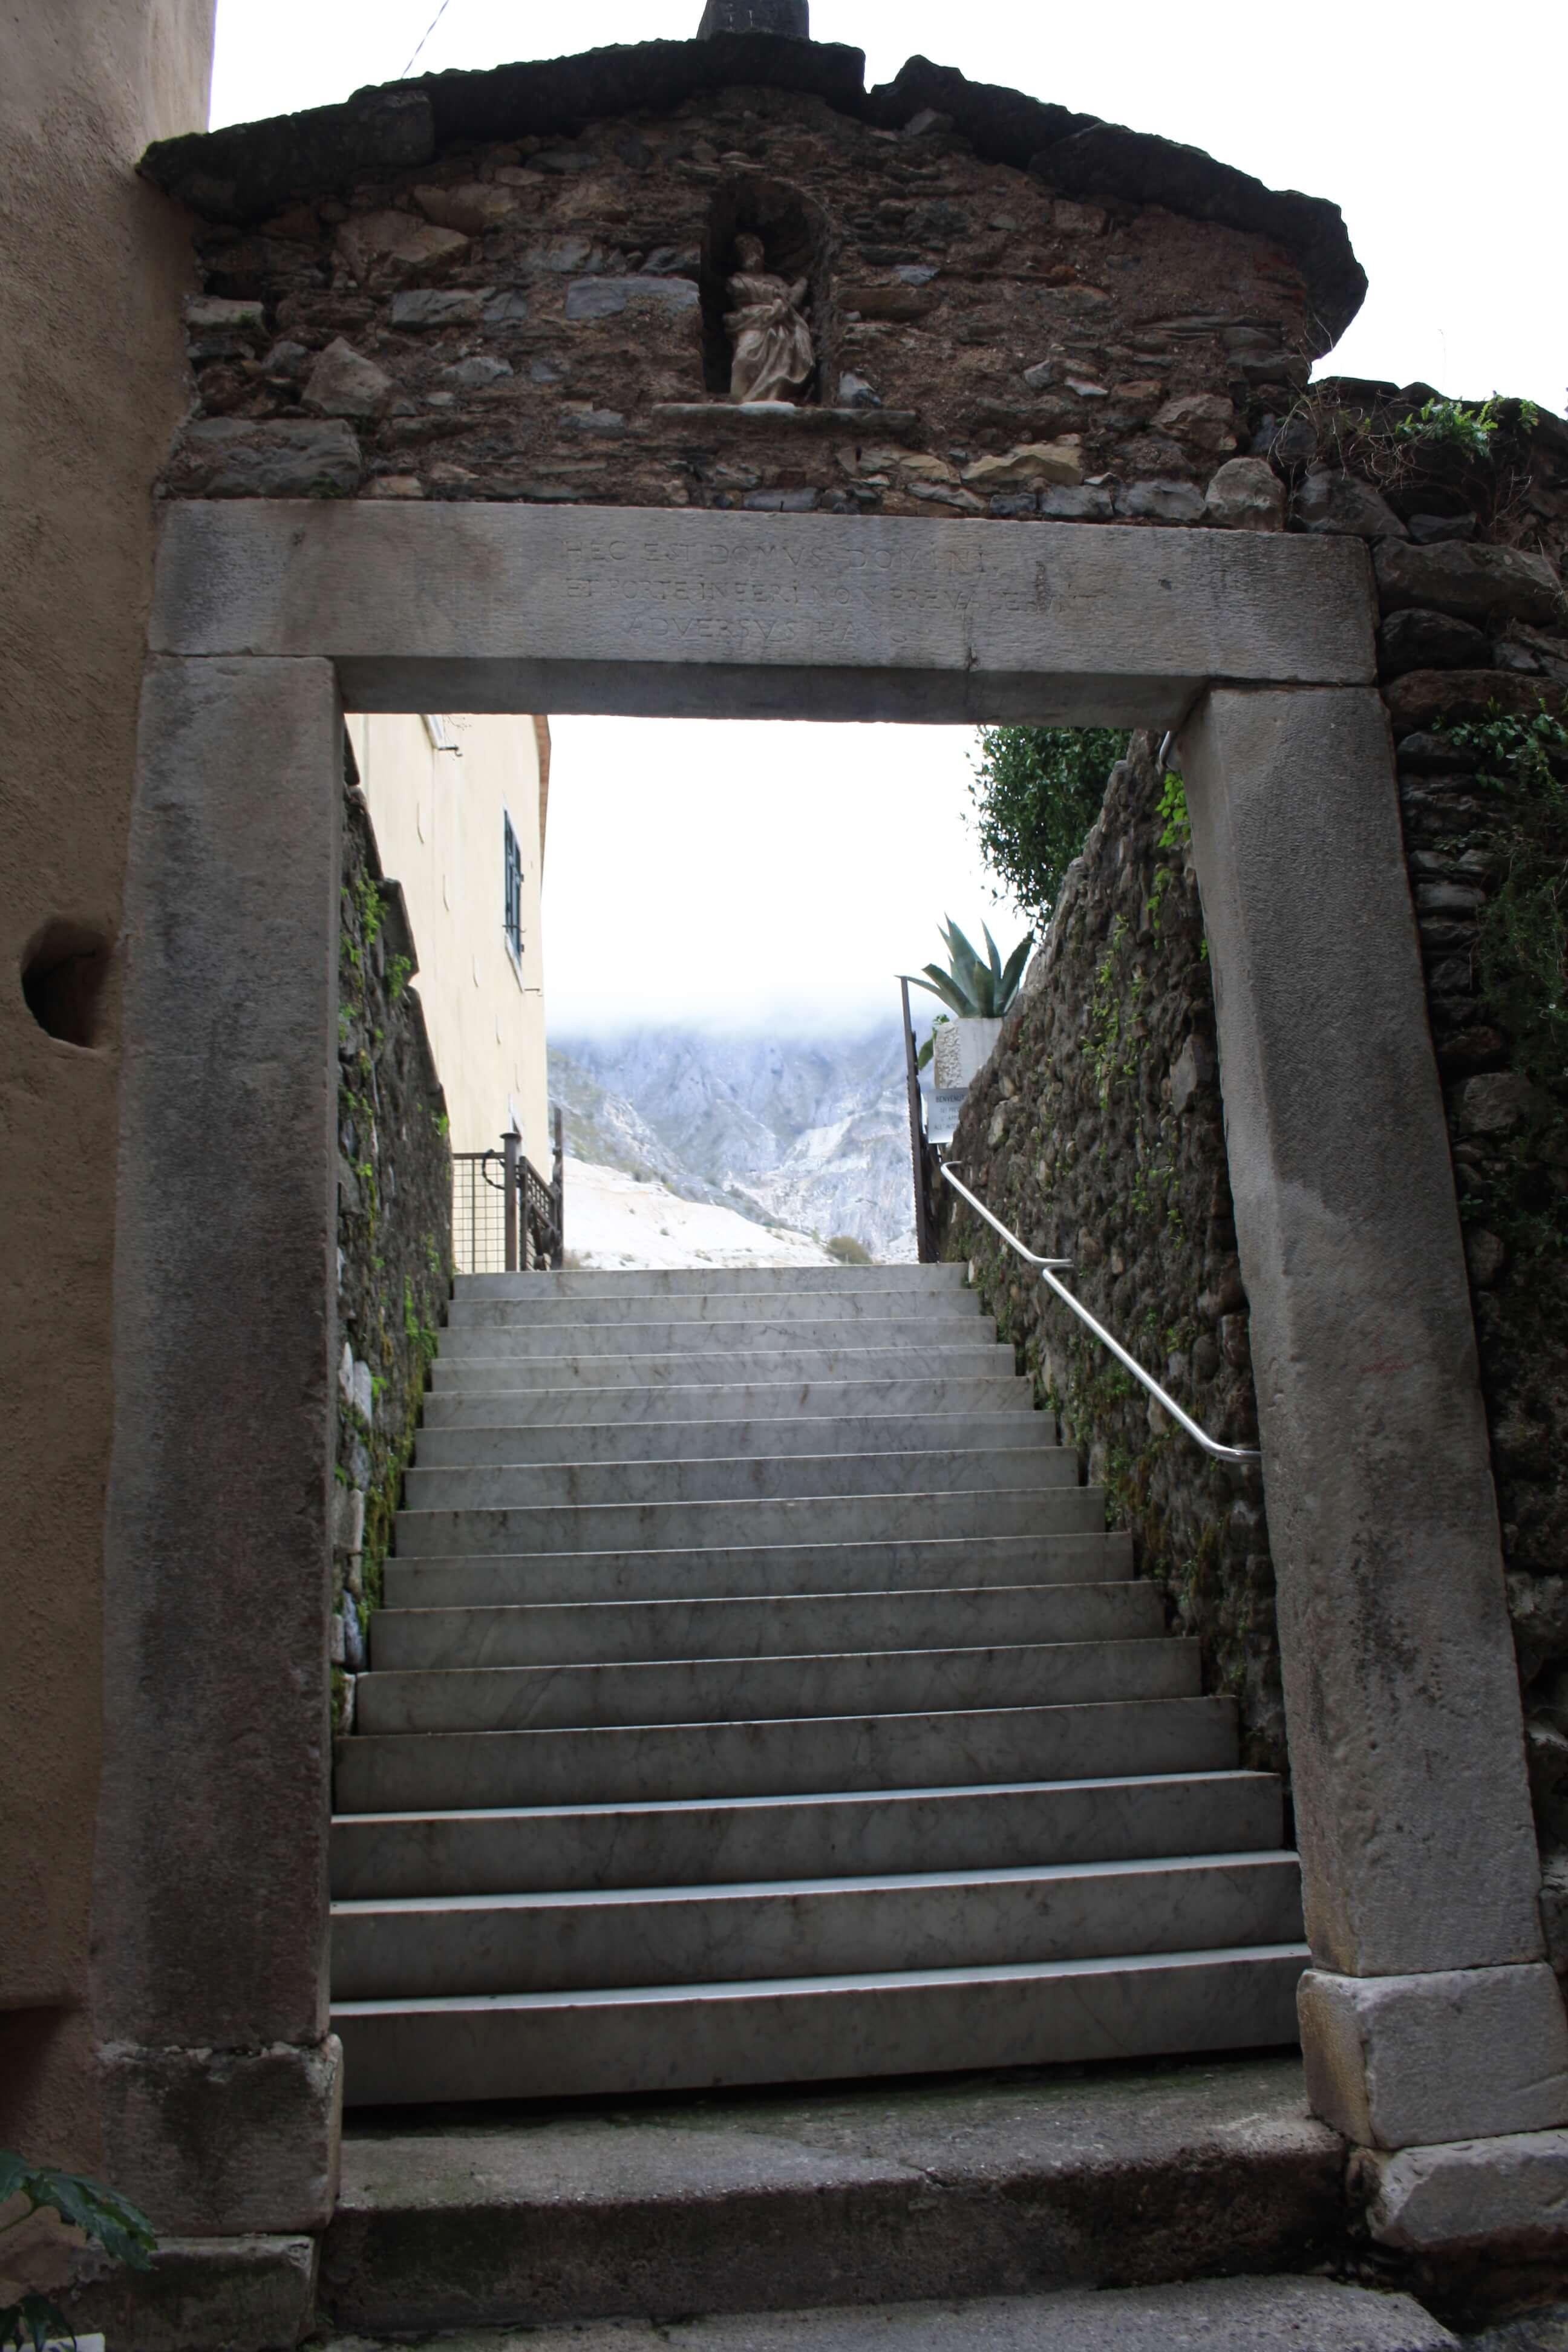 Itinerario tra le cave di marmo alla scoperta dei segreti dell'oro bianco di Carrara